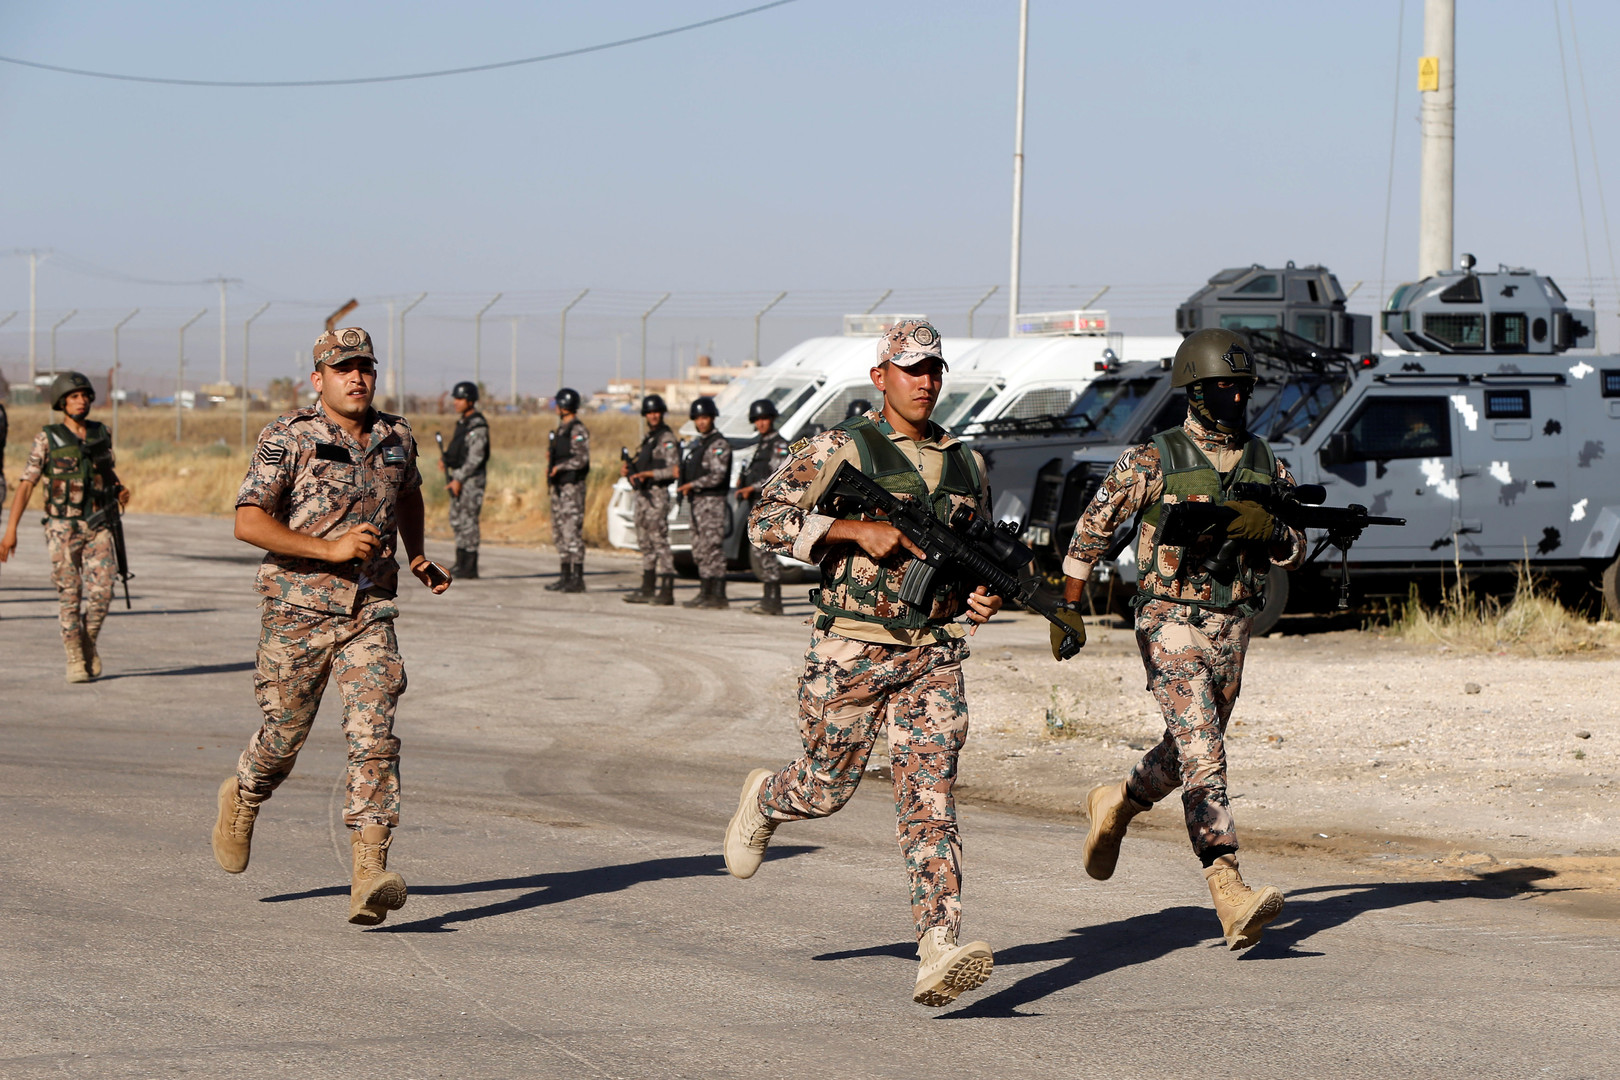 عناصر من قوات الأمن الأردنية قرب الحدود مع سوريا